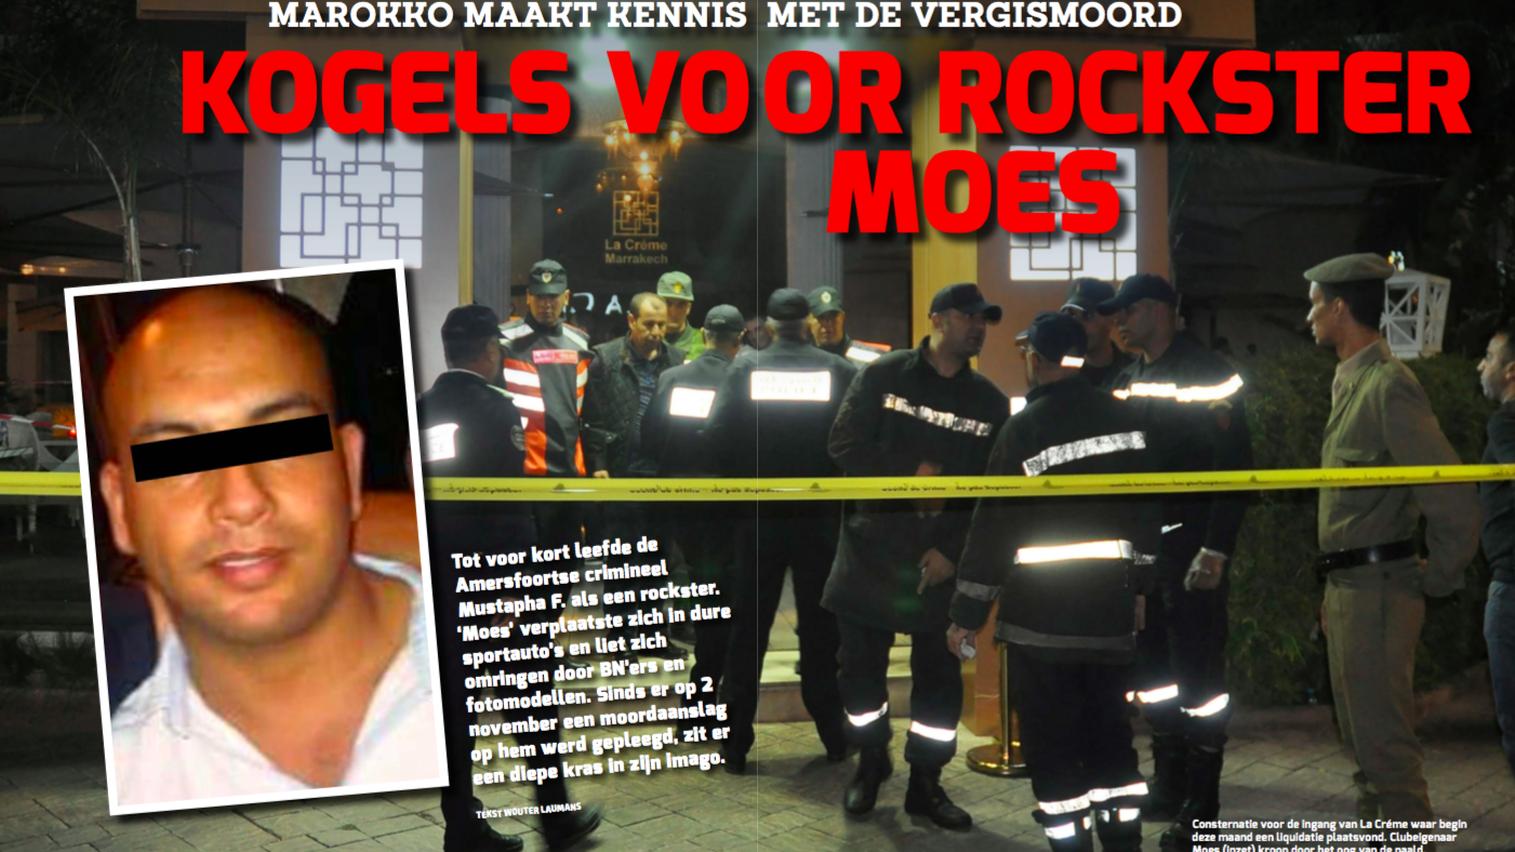 هولندا تكشف عن حرب تصفيات جسدية استهدفت مغاربة منذ 2015 بطلها المتهم الرئيسي في جريمة 'لاكريم'